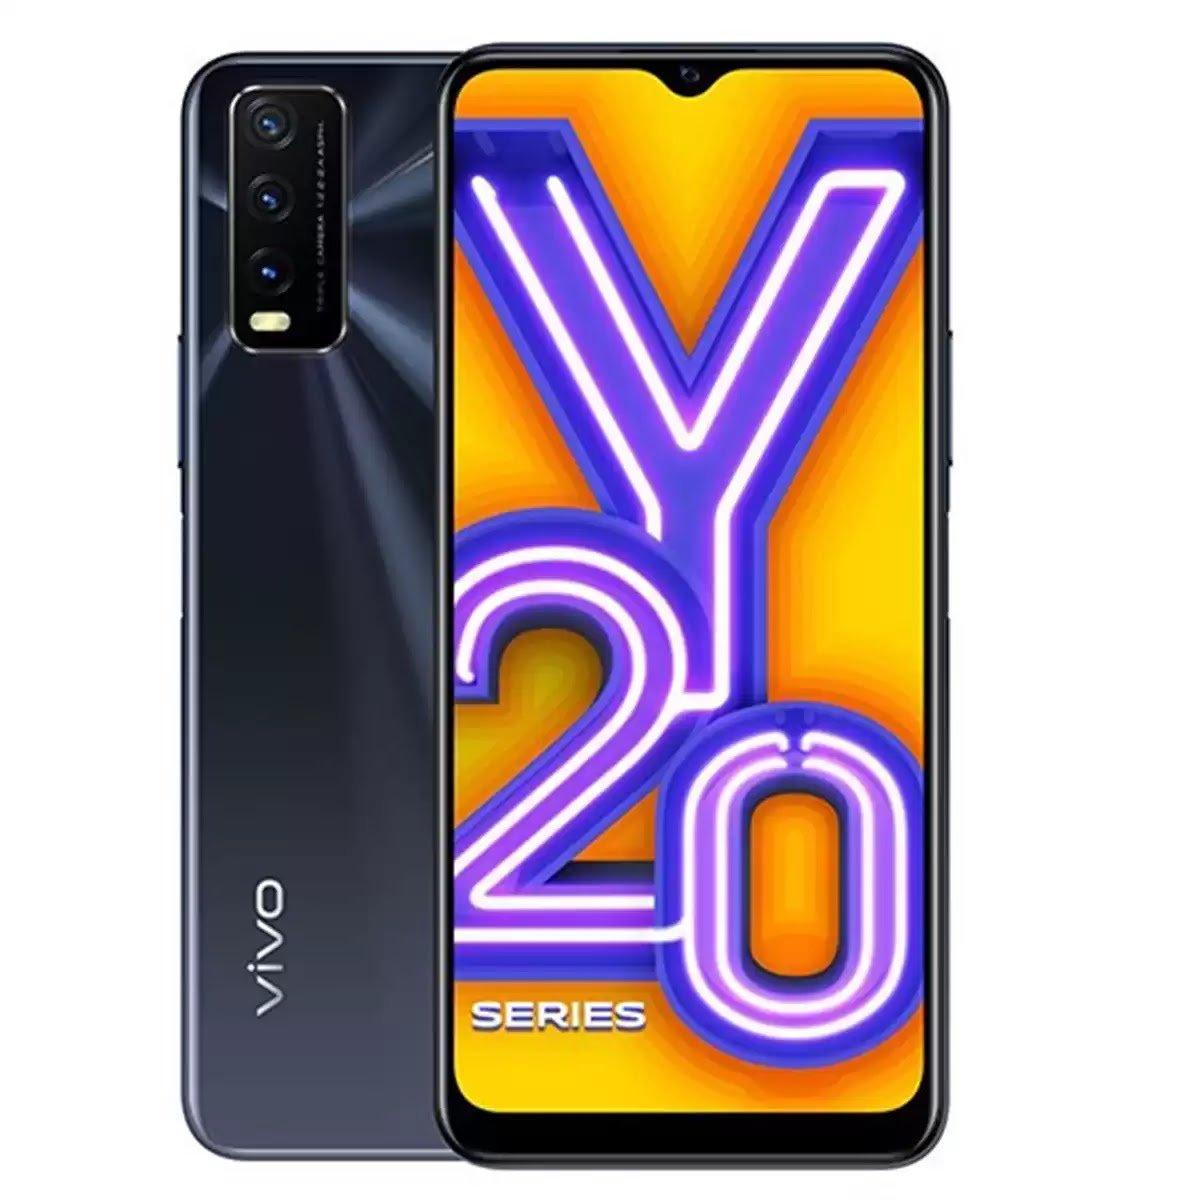 Vivo - Y20 - 4gb - 64gb - 5000mah - Side Fingerprint - Triple Camera